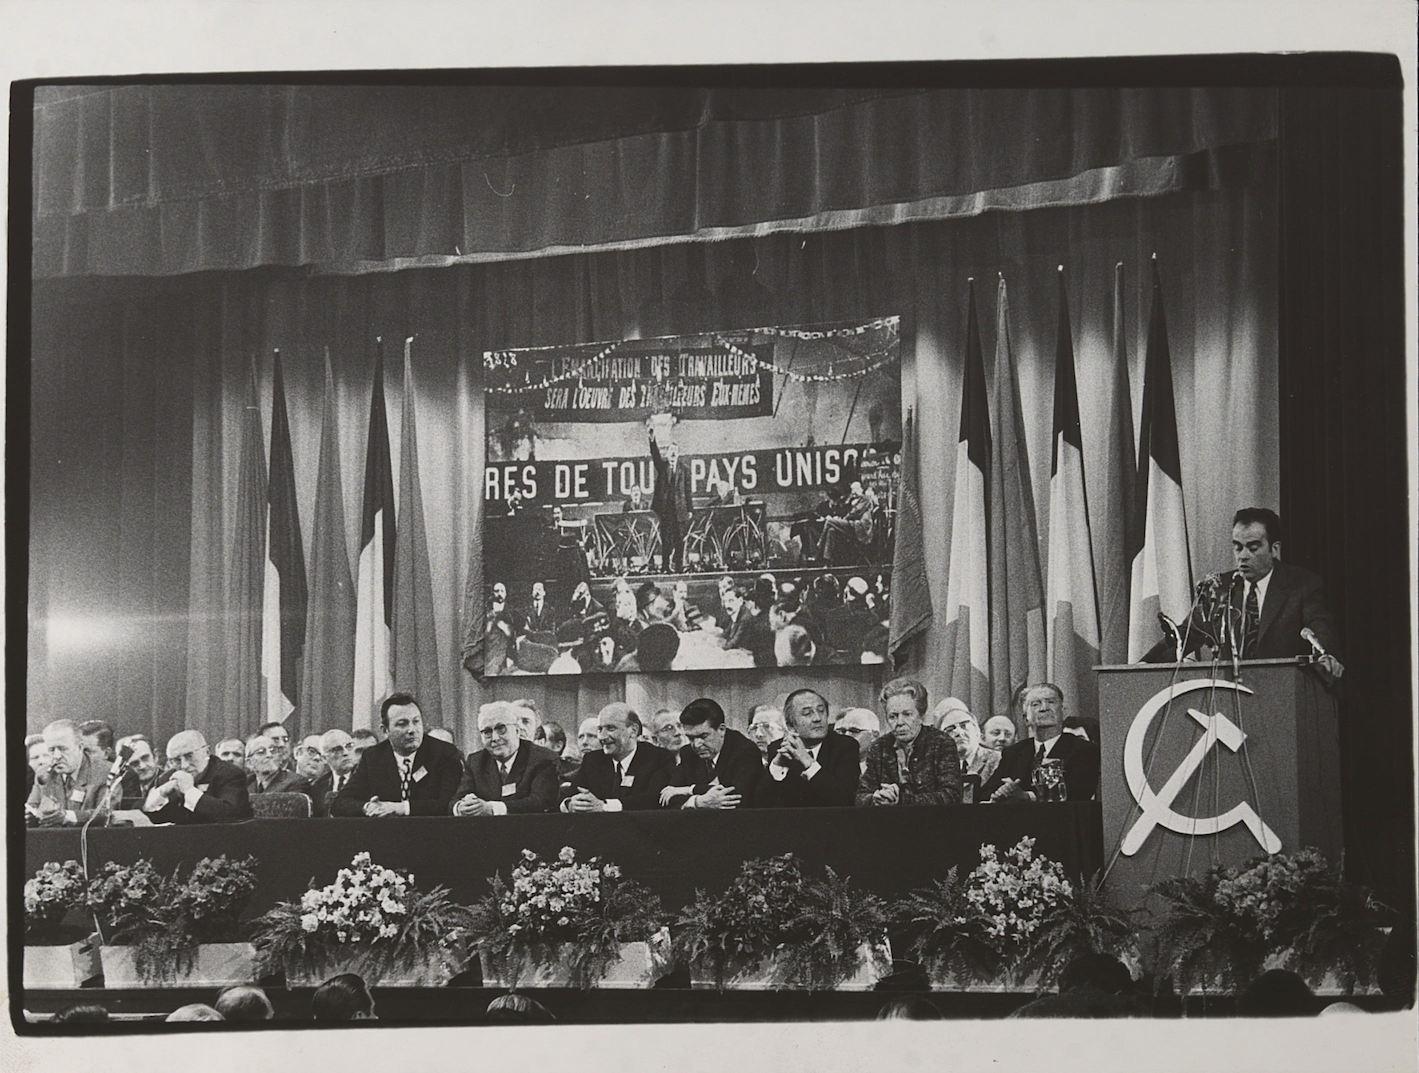 Georges Marchais à la tribune - 1970 - 50eme anniversaire du PCF